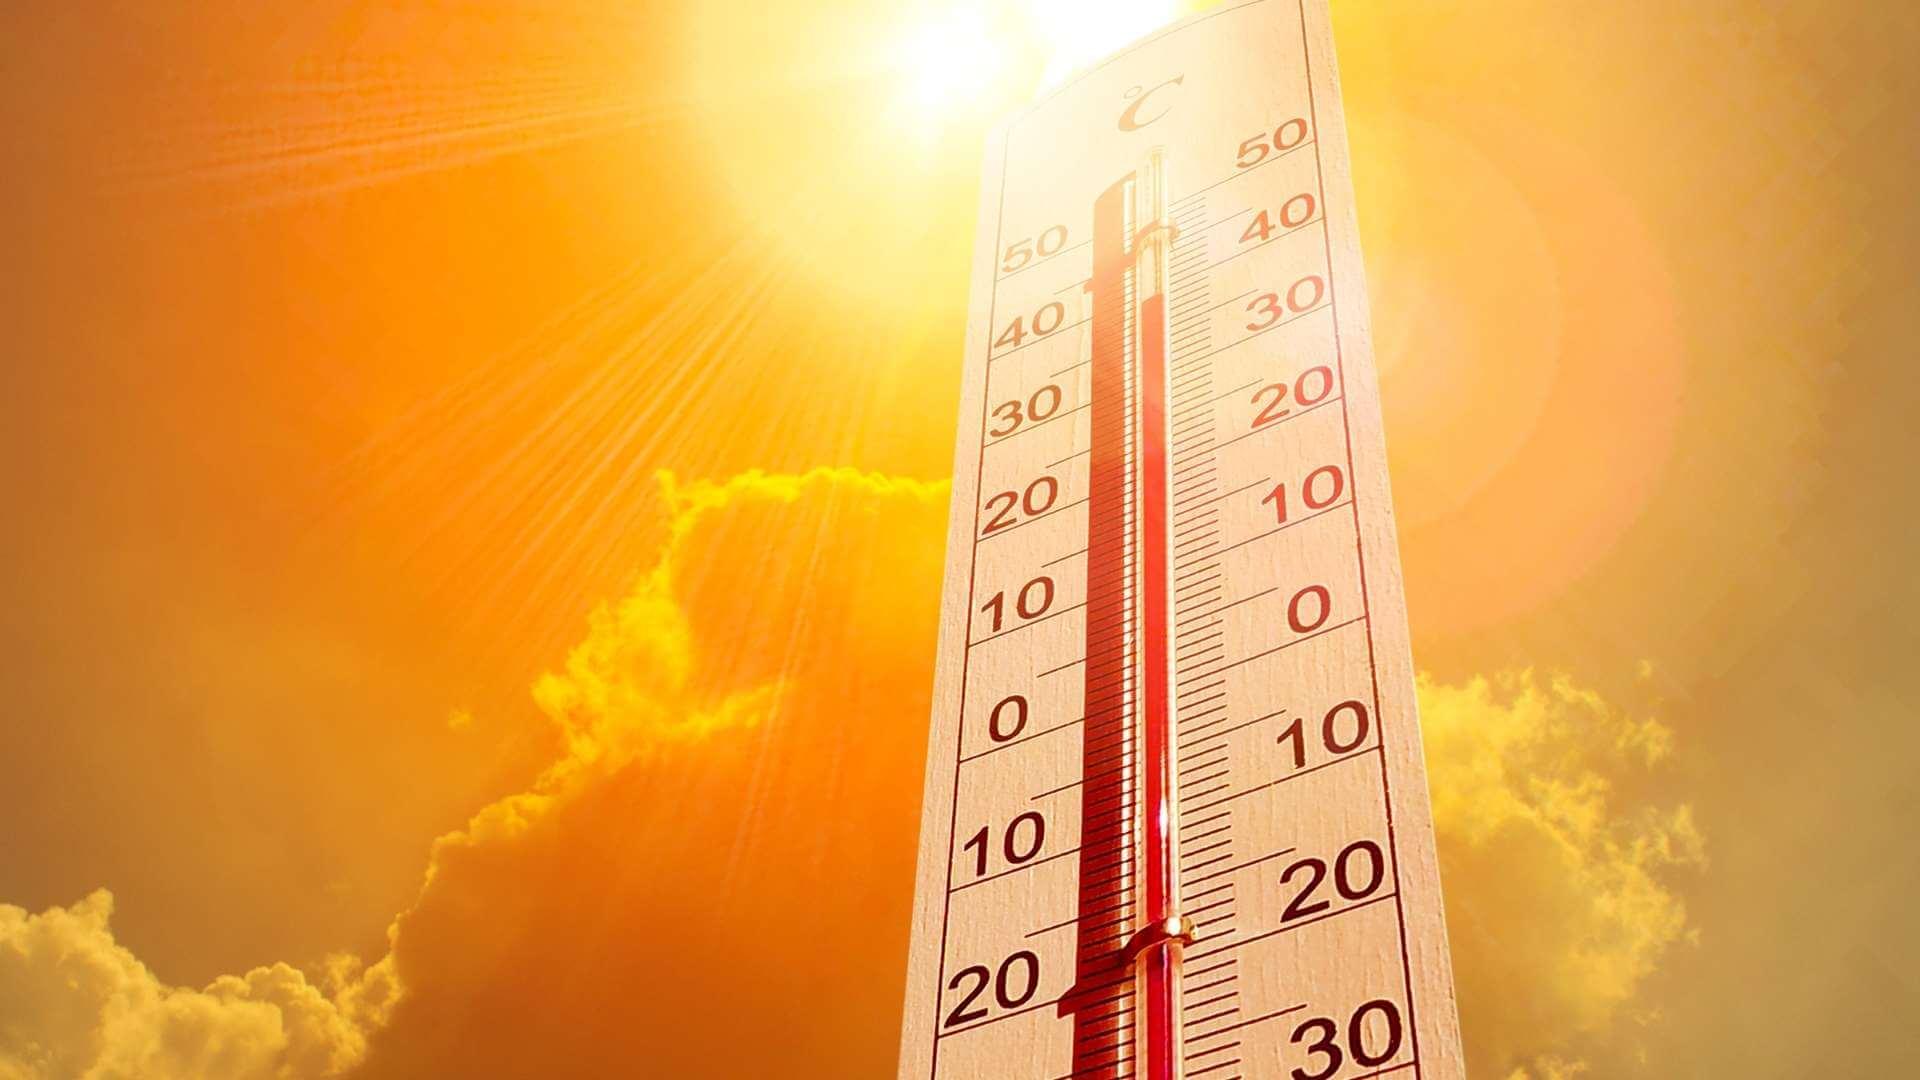 Prognoză. Primăvară mai caldă decât ar fi normal, iar în viitor vara ar putea dura jumătate de an